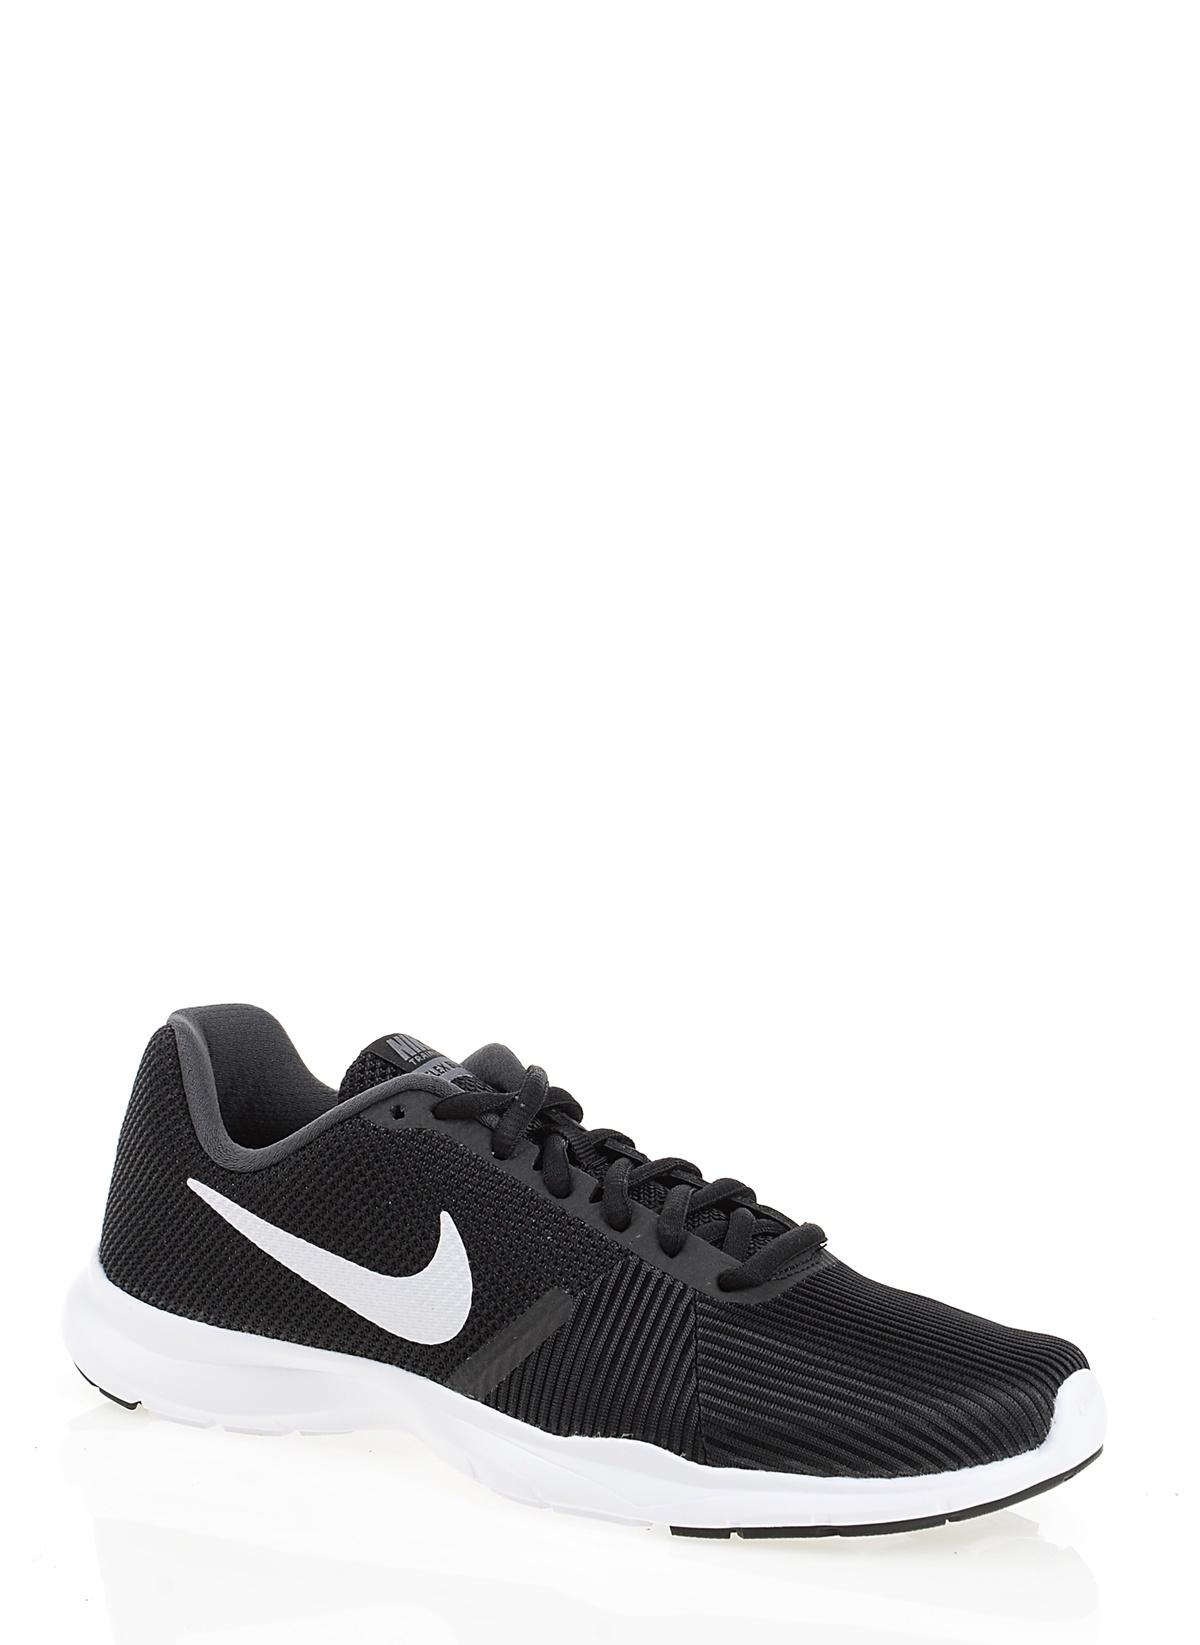 99355e0f1fa3 Nike Kadın Wmns Nike Flex Bijoux Black White-Anthracite